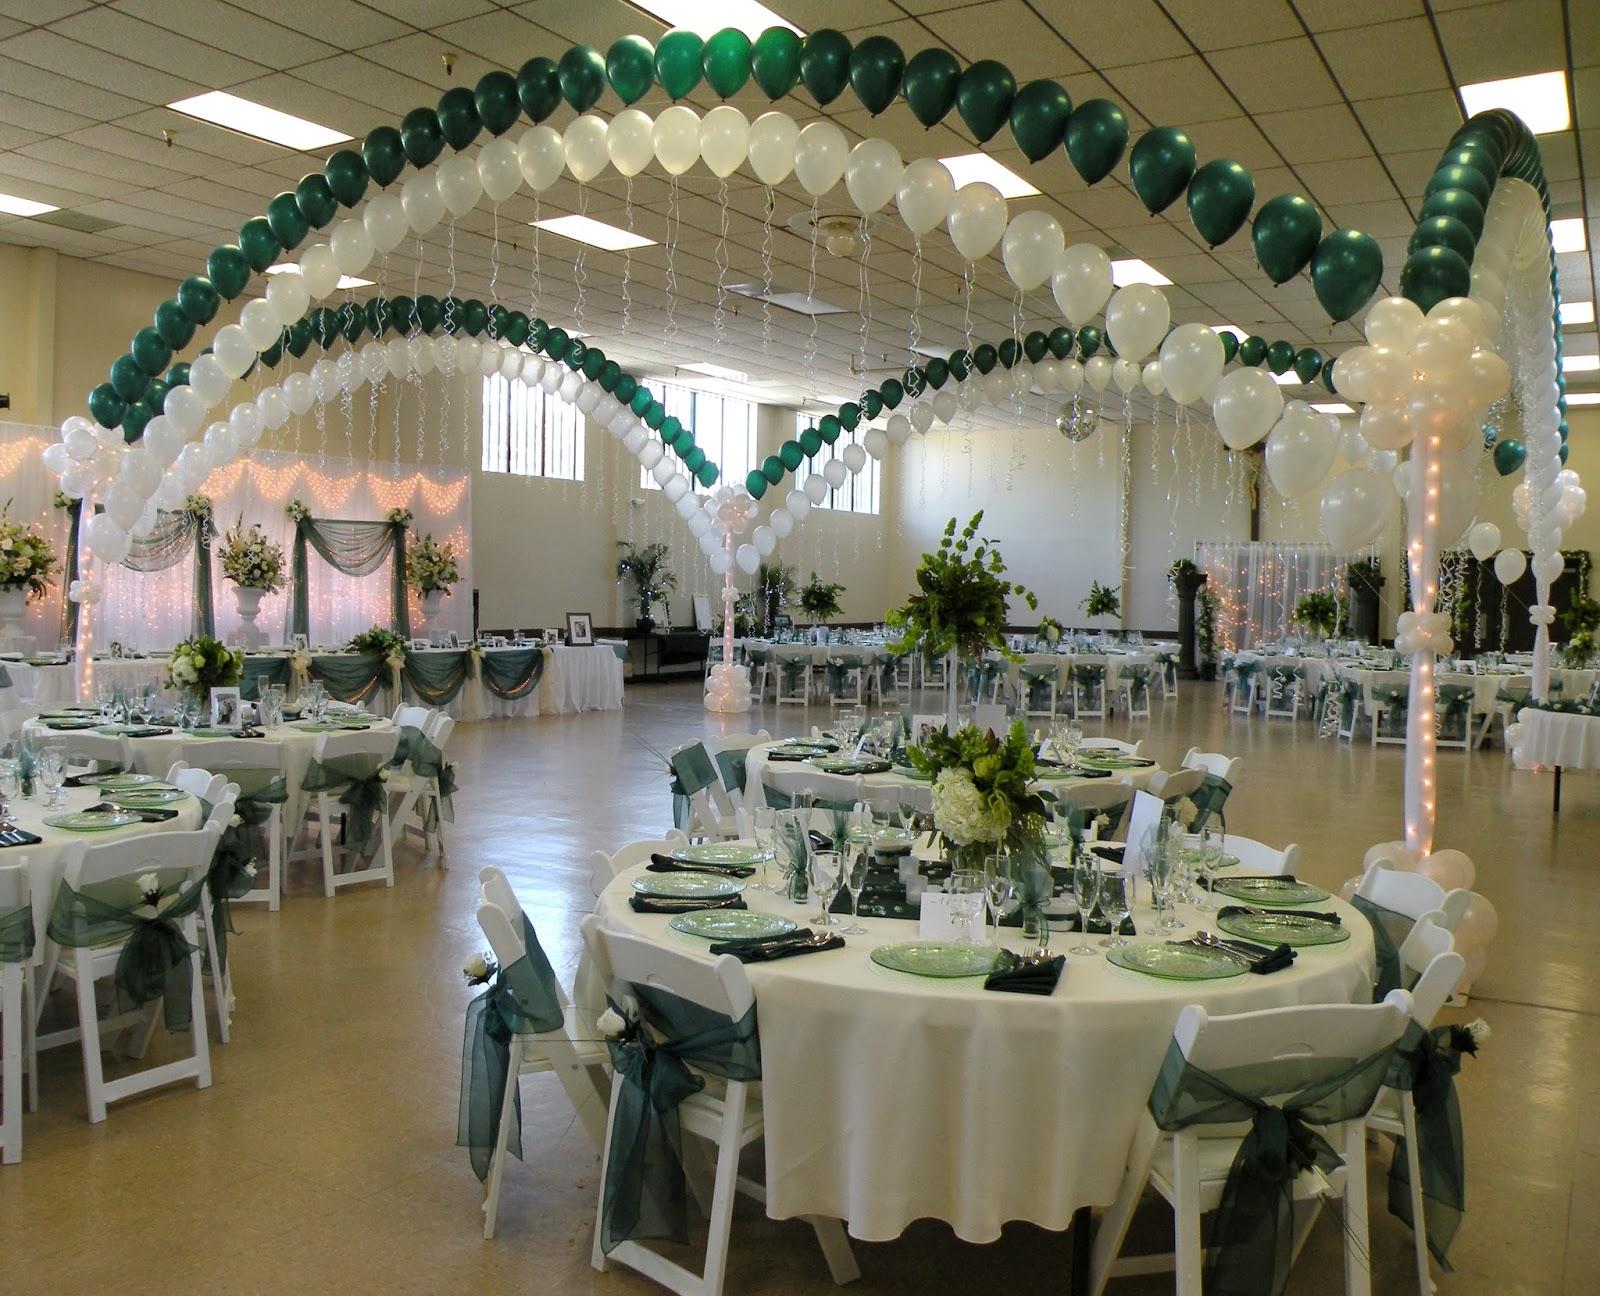 Decoracion de bodas con arcos de globos parte 4 for Decoracion de adornos